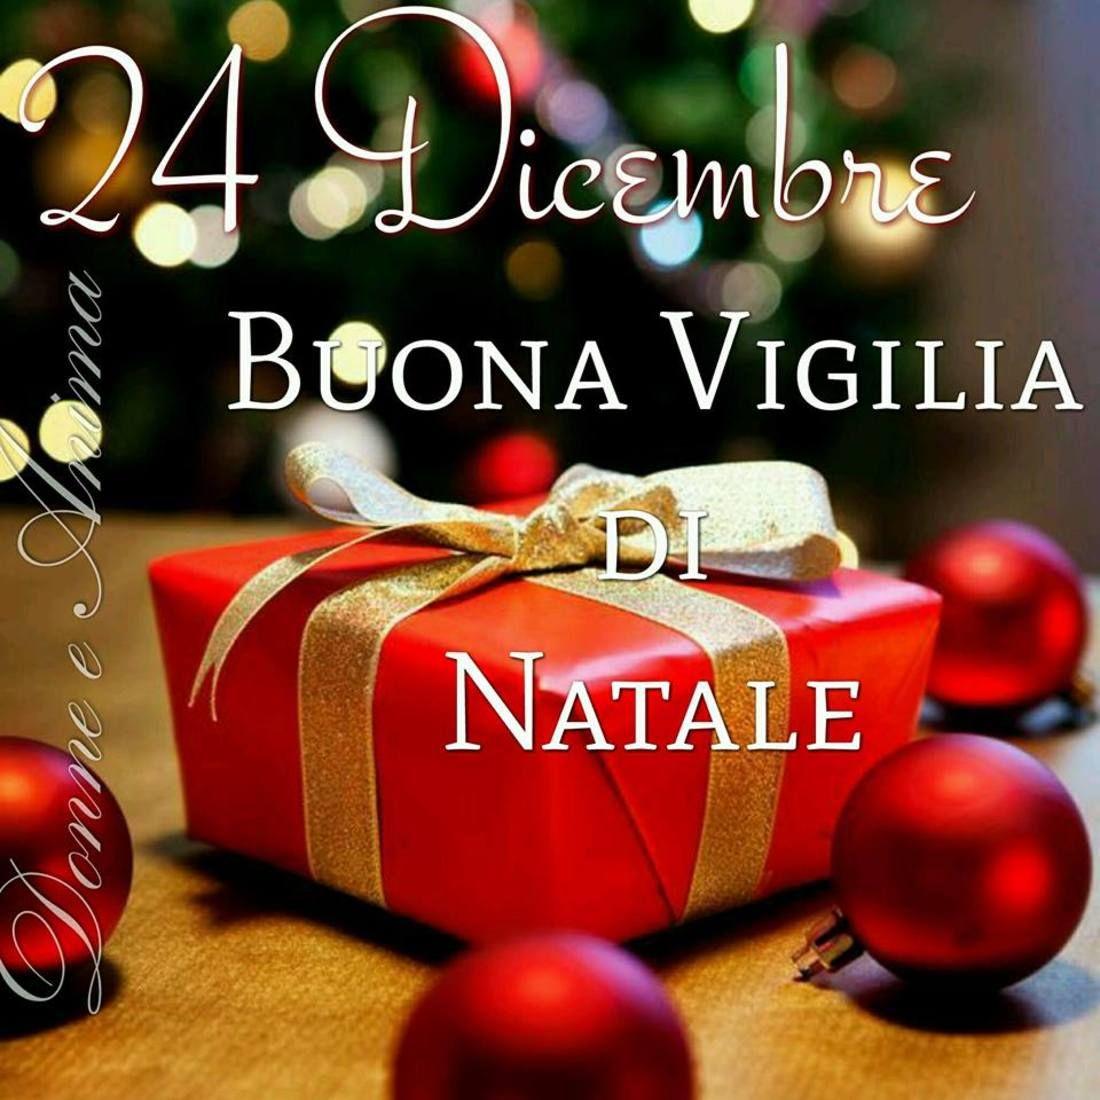 Immagini Auguri Di Natale Gratis.Buona Vigilia Di Natale 24 Dicembre Immagini Gratis Auguri